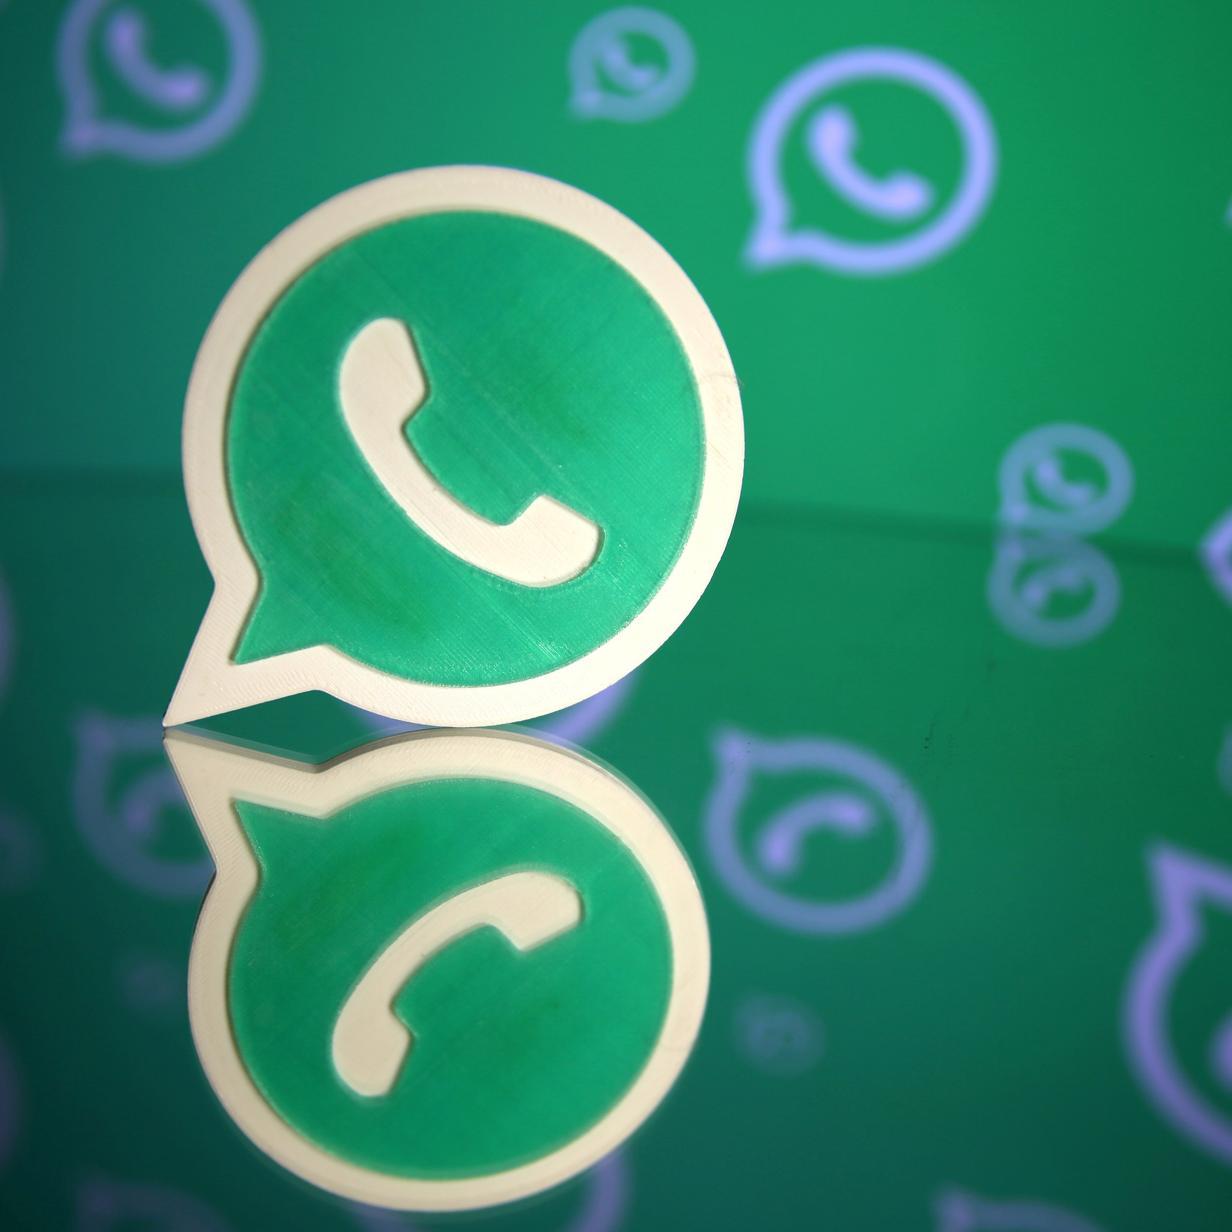 WhatsApp bekommt neue Emojis und animierte Sticker